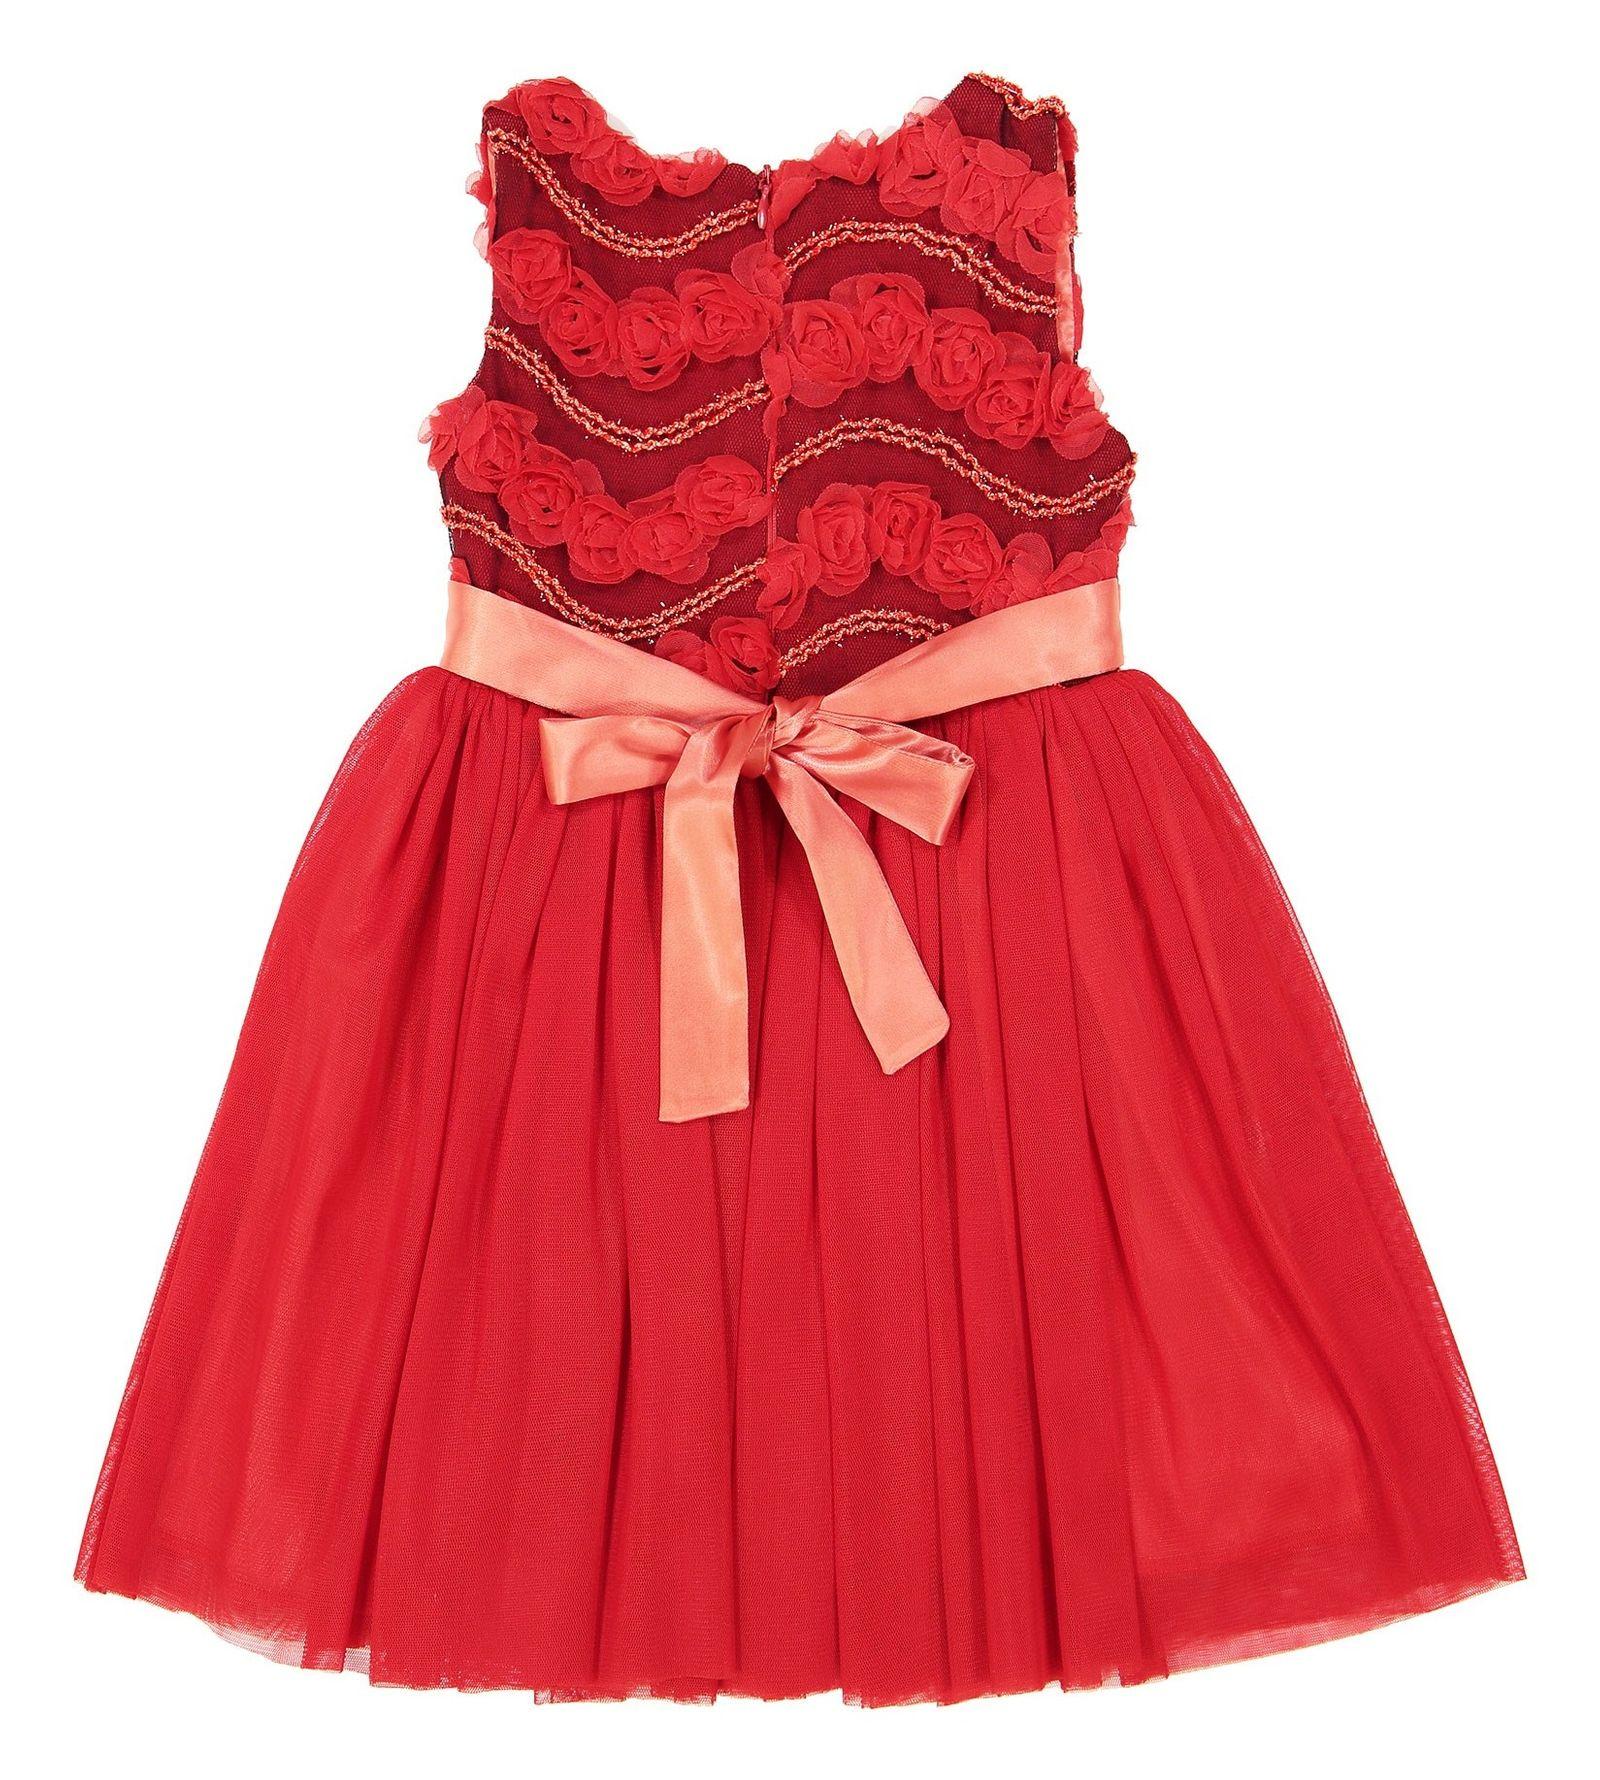 پیراهن مهمانی دخترانه - جم گل - قرمز  - 4